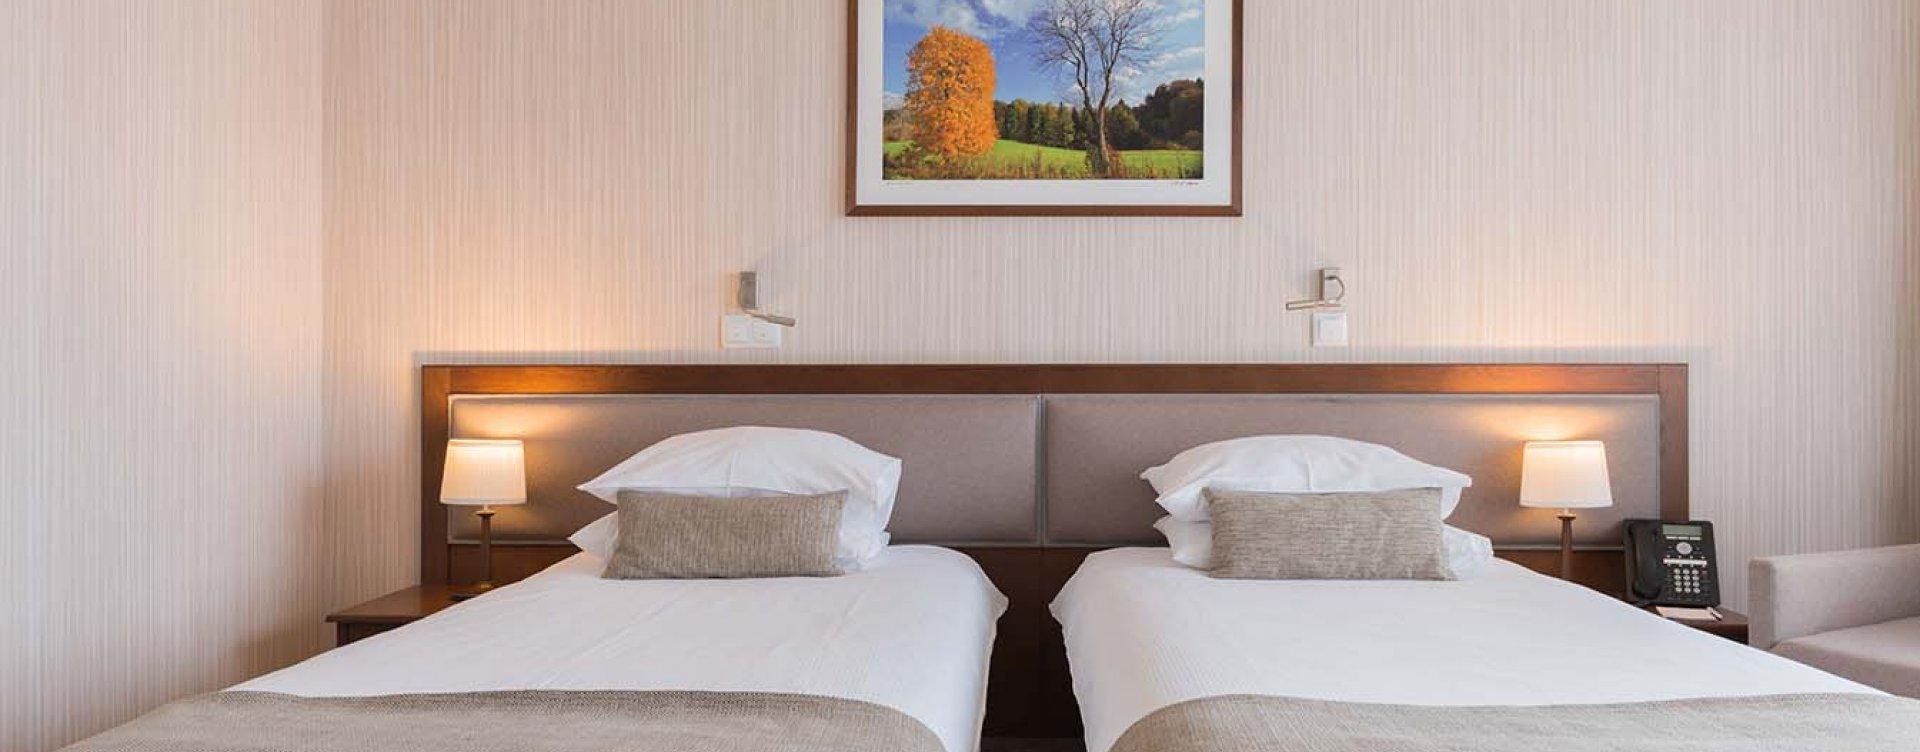 Pokój Standard w Hotelu